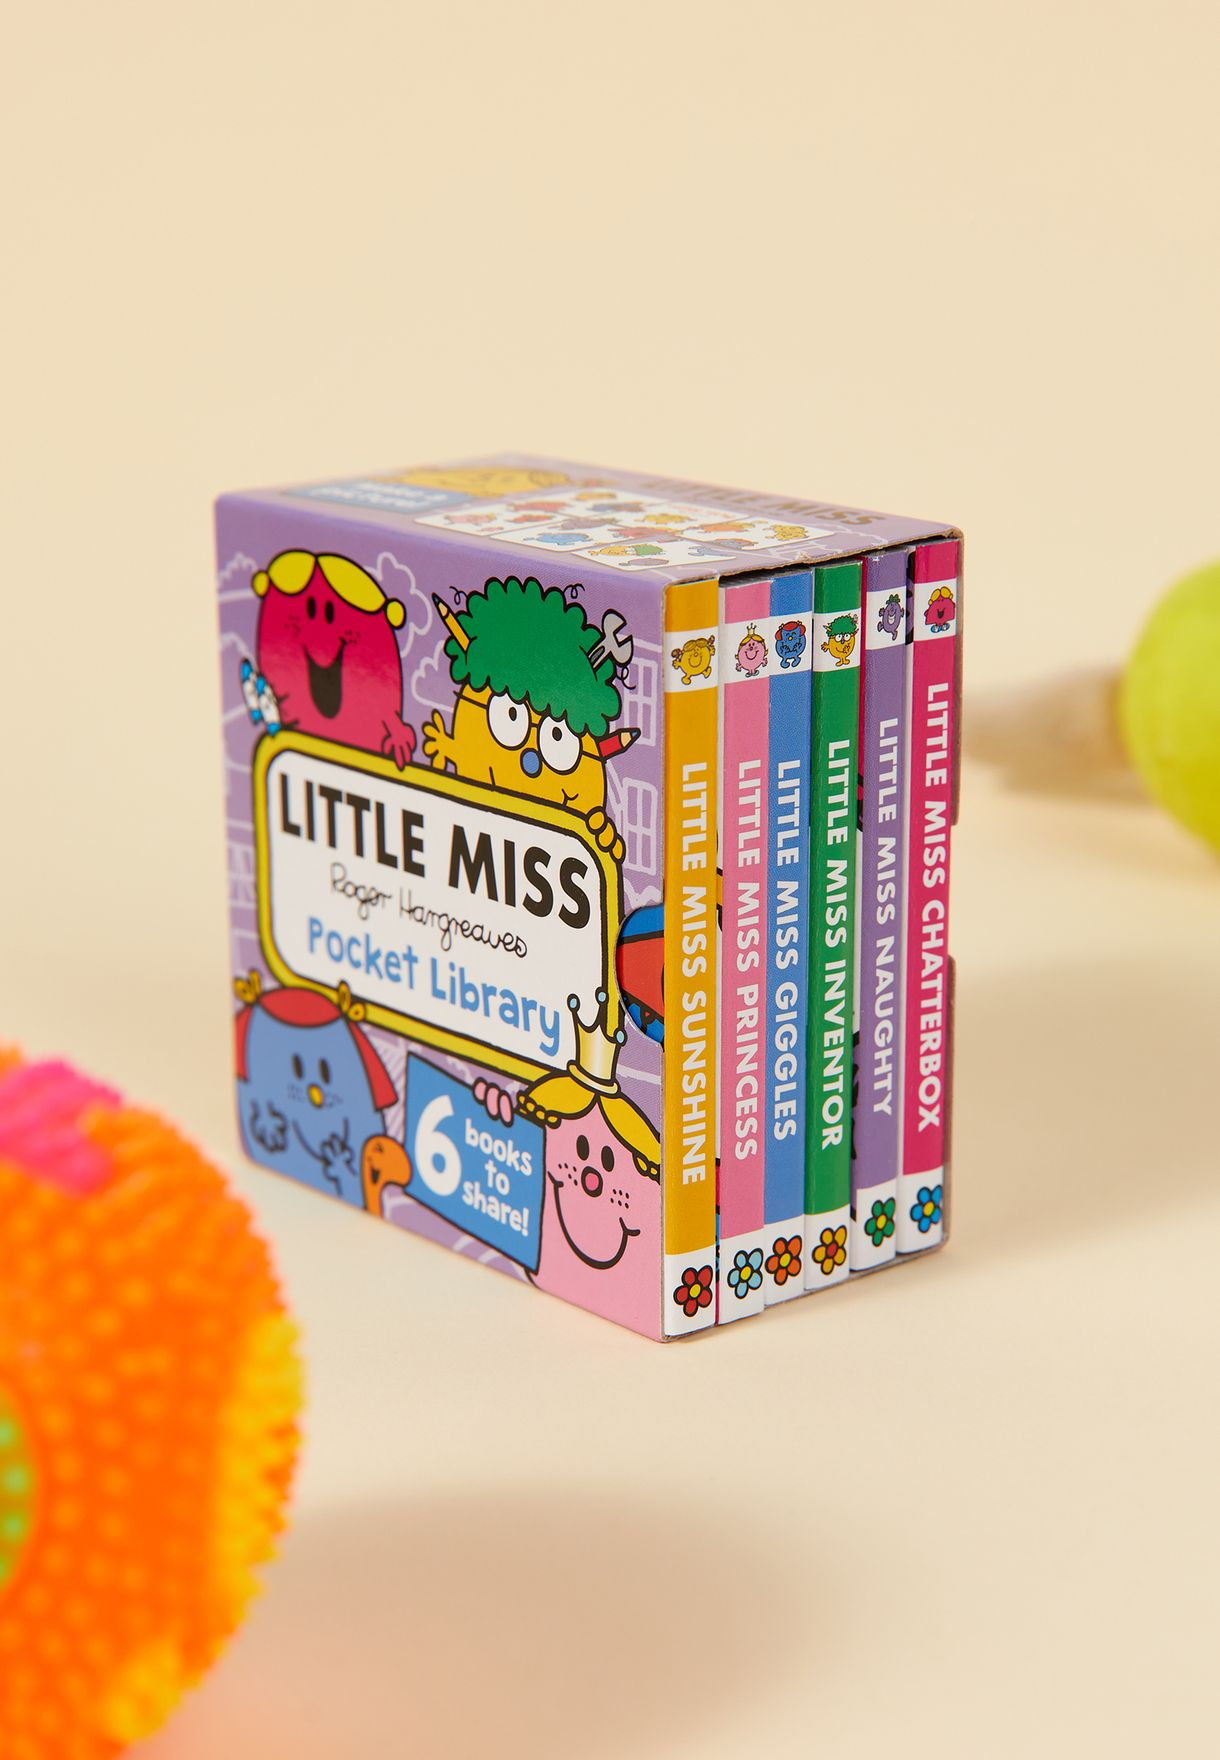 مجموعة كتب ليتل ميس للصغار